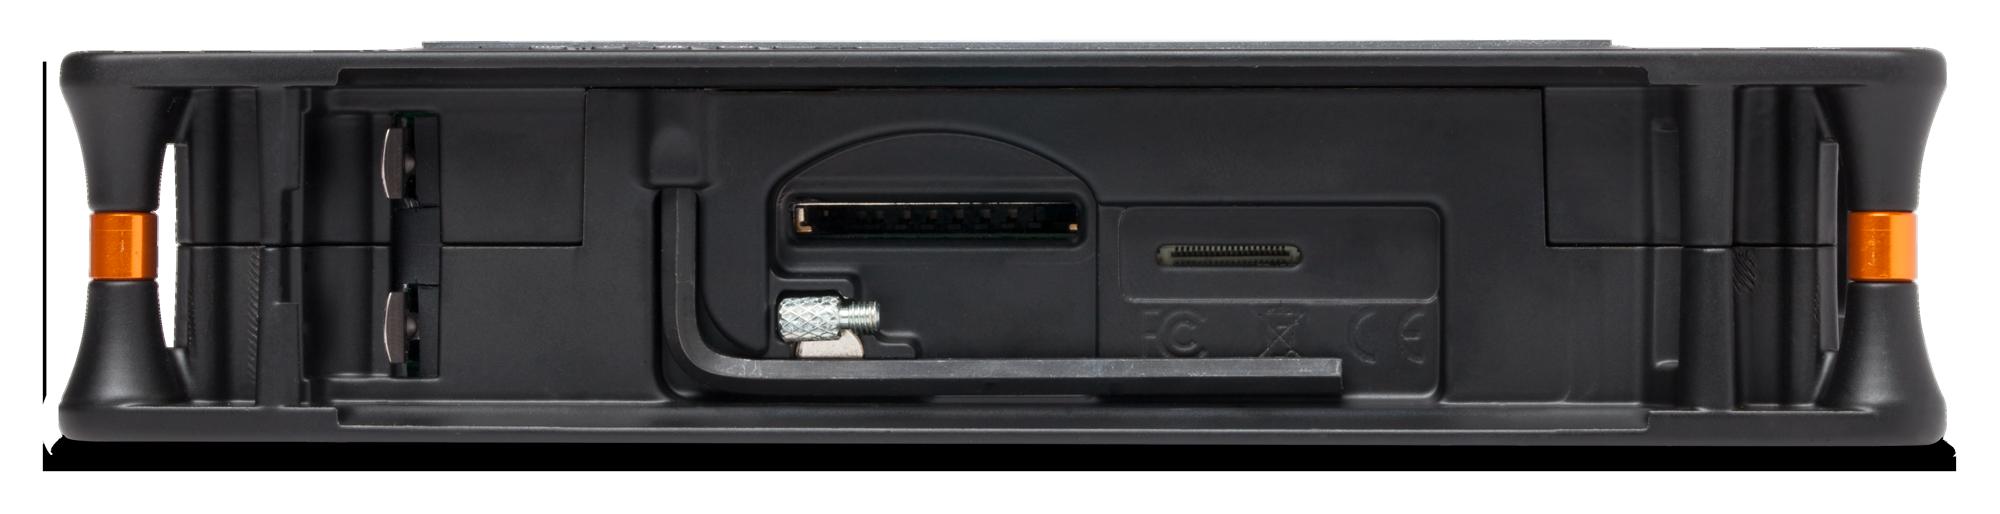 Baksidan, utan batterihållare, gömmer SDkortplatsen och nyckeln för att skruva fast MixPre i en kamera.